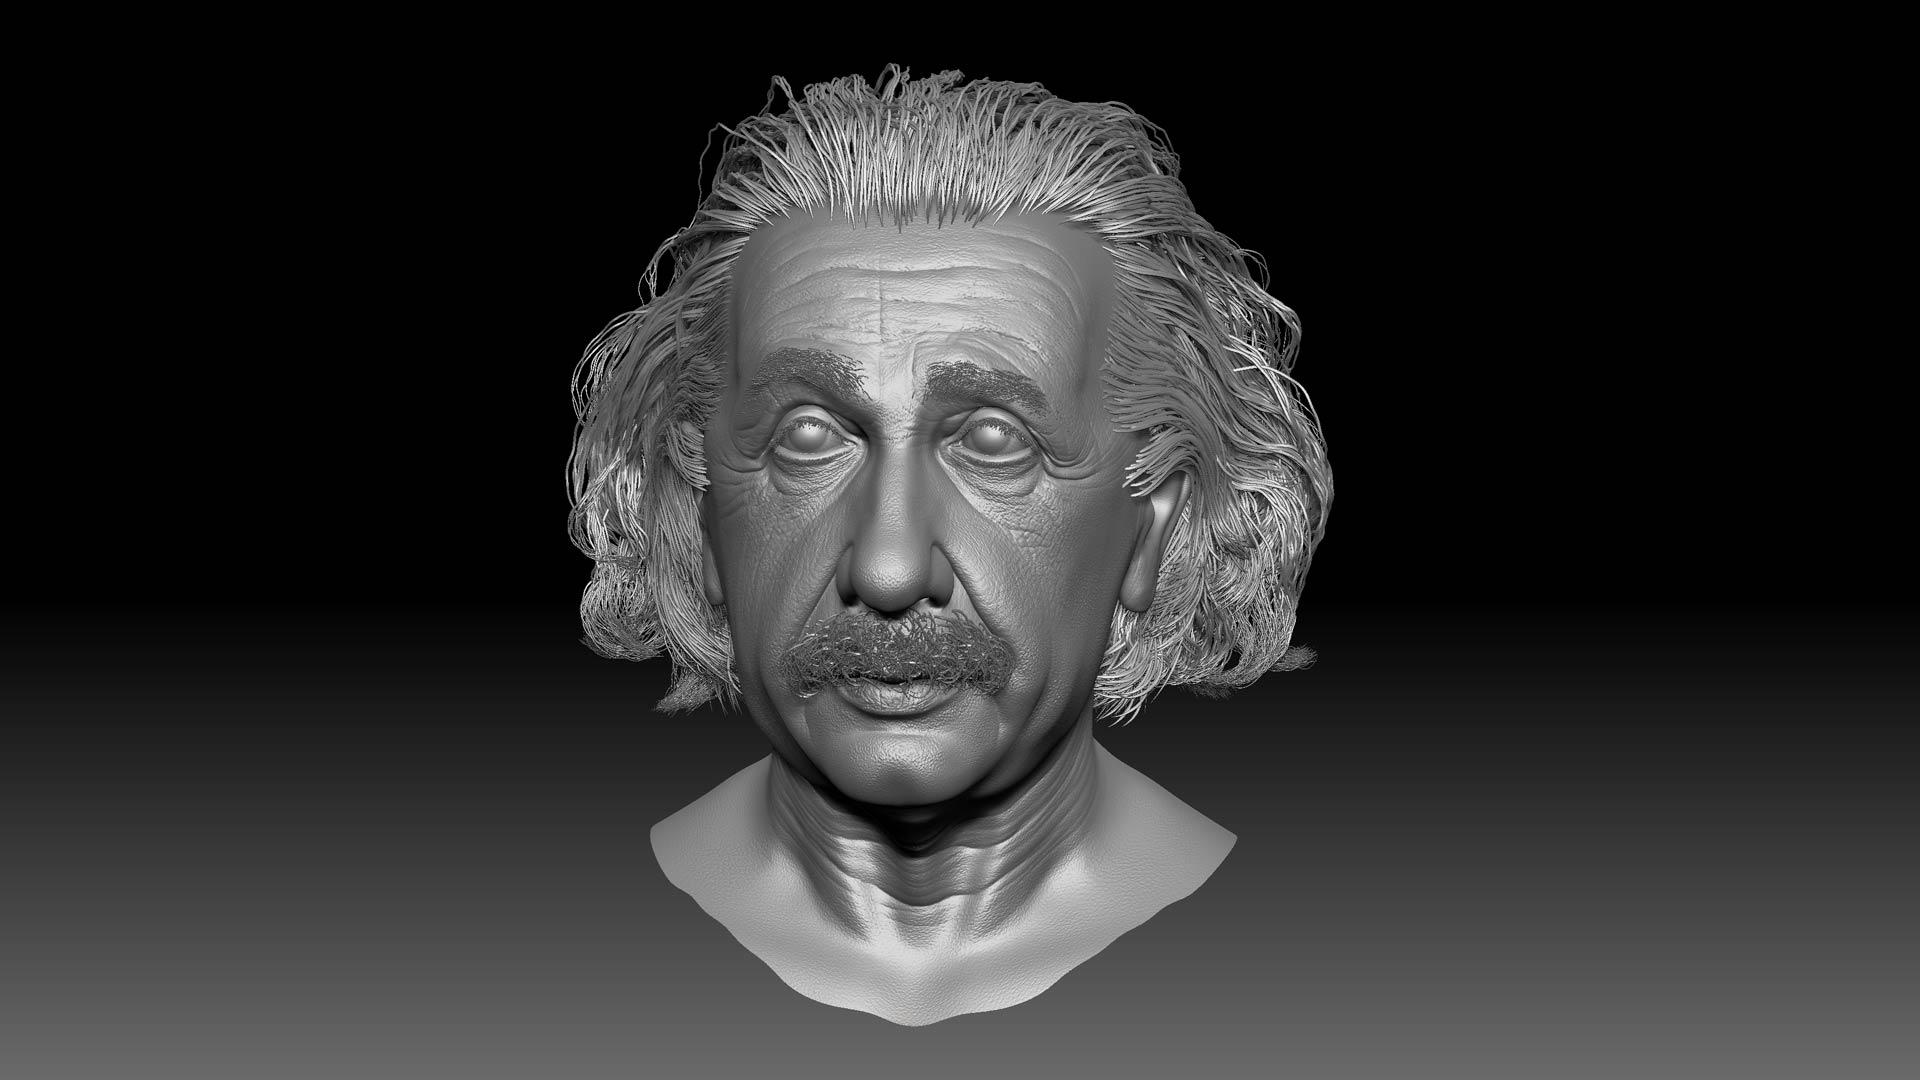 albert_einstein_zbrush_sculpting_model_head_character_portrait Albert Einstein 3D Porträt für ein Hologram